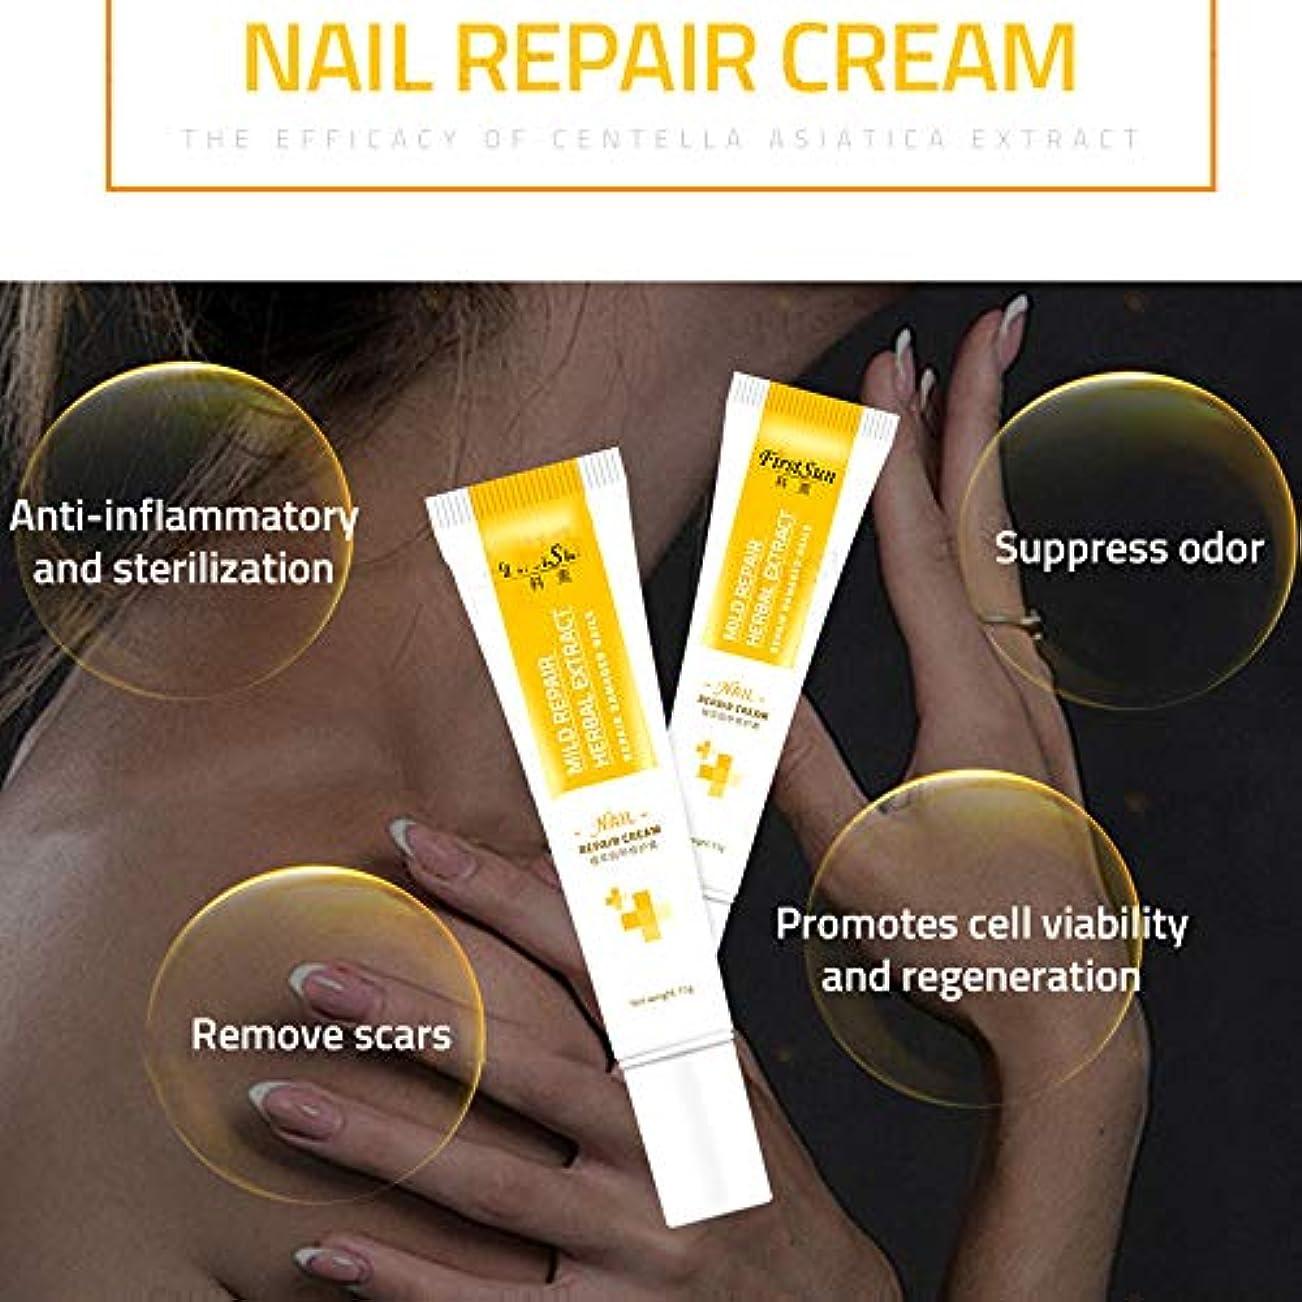 十分です内部日食ネイルクリーム、爪真菌治療爪修復クリーム爪真菌症爪周囲炎抗真菌感染は、保護ネイルケアを強化